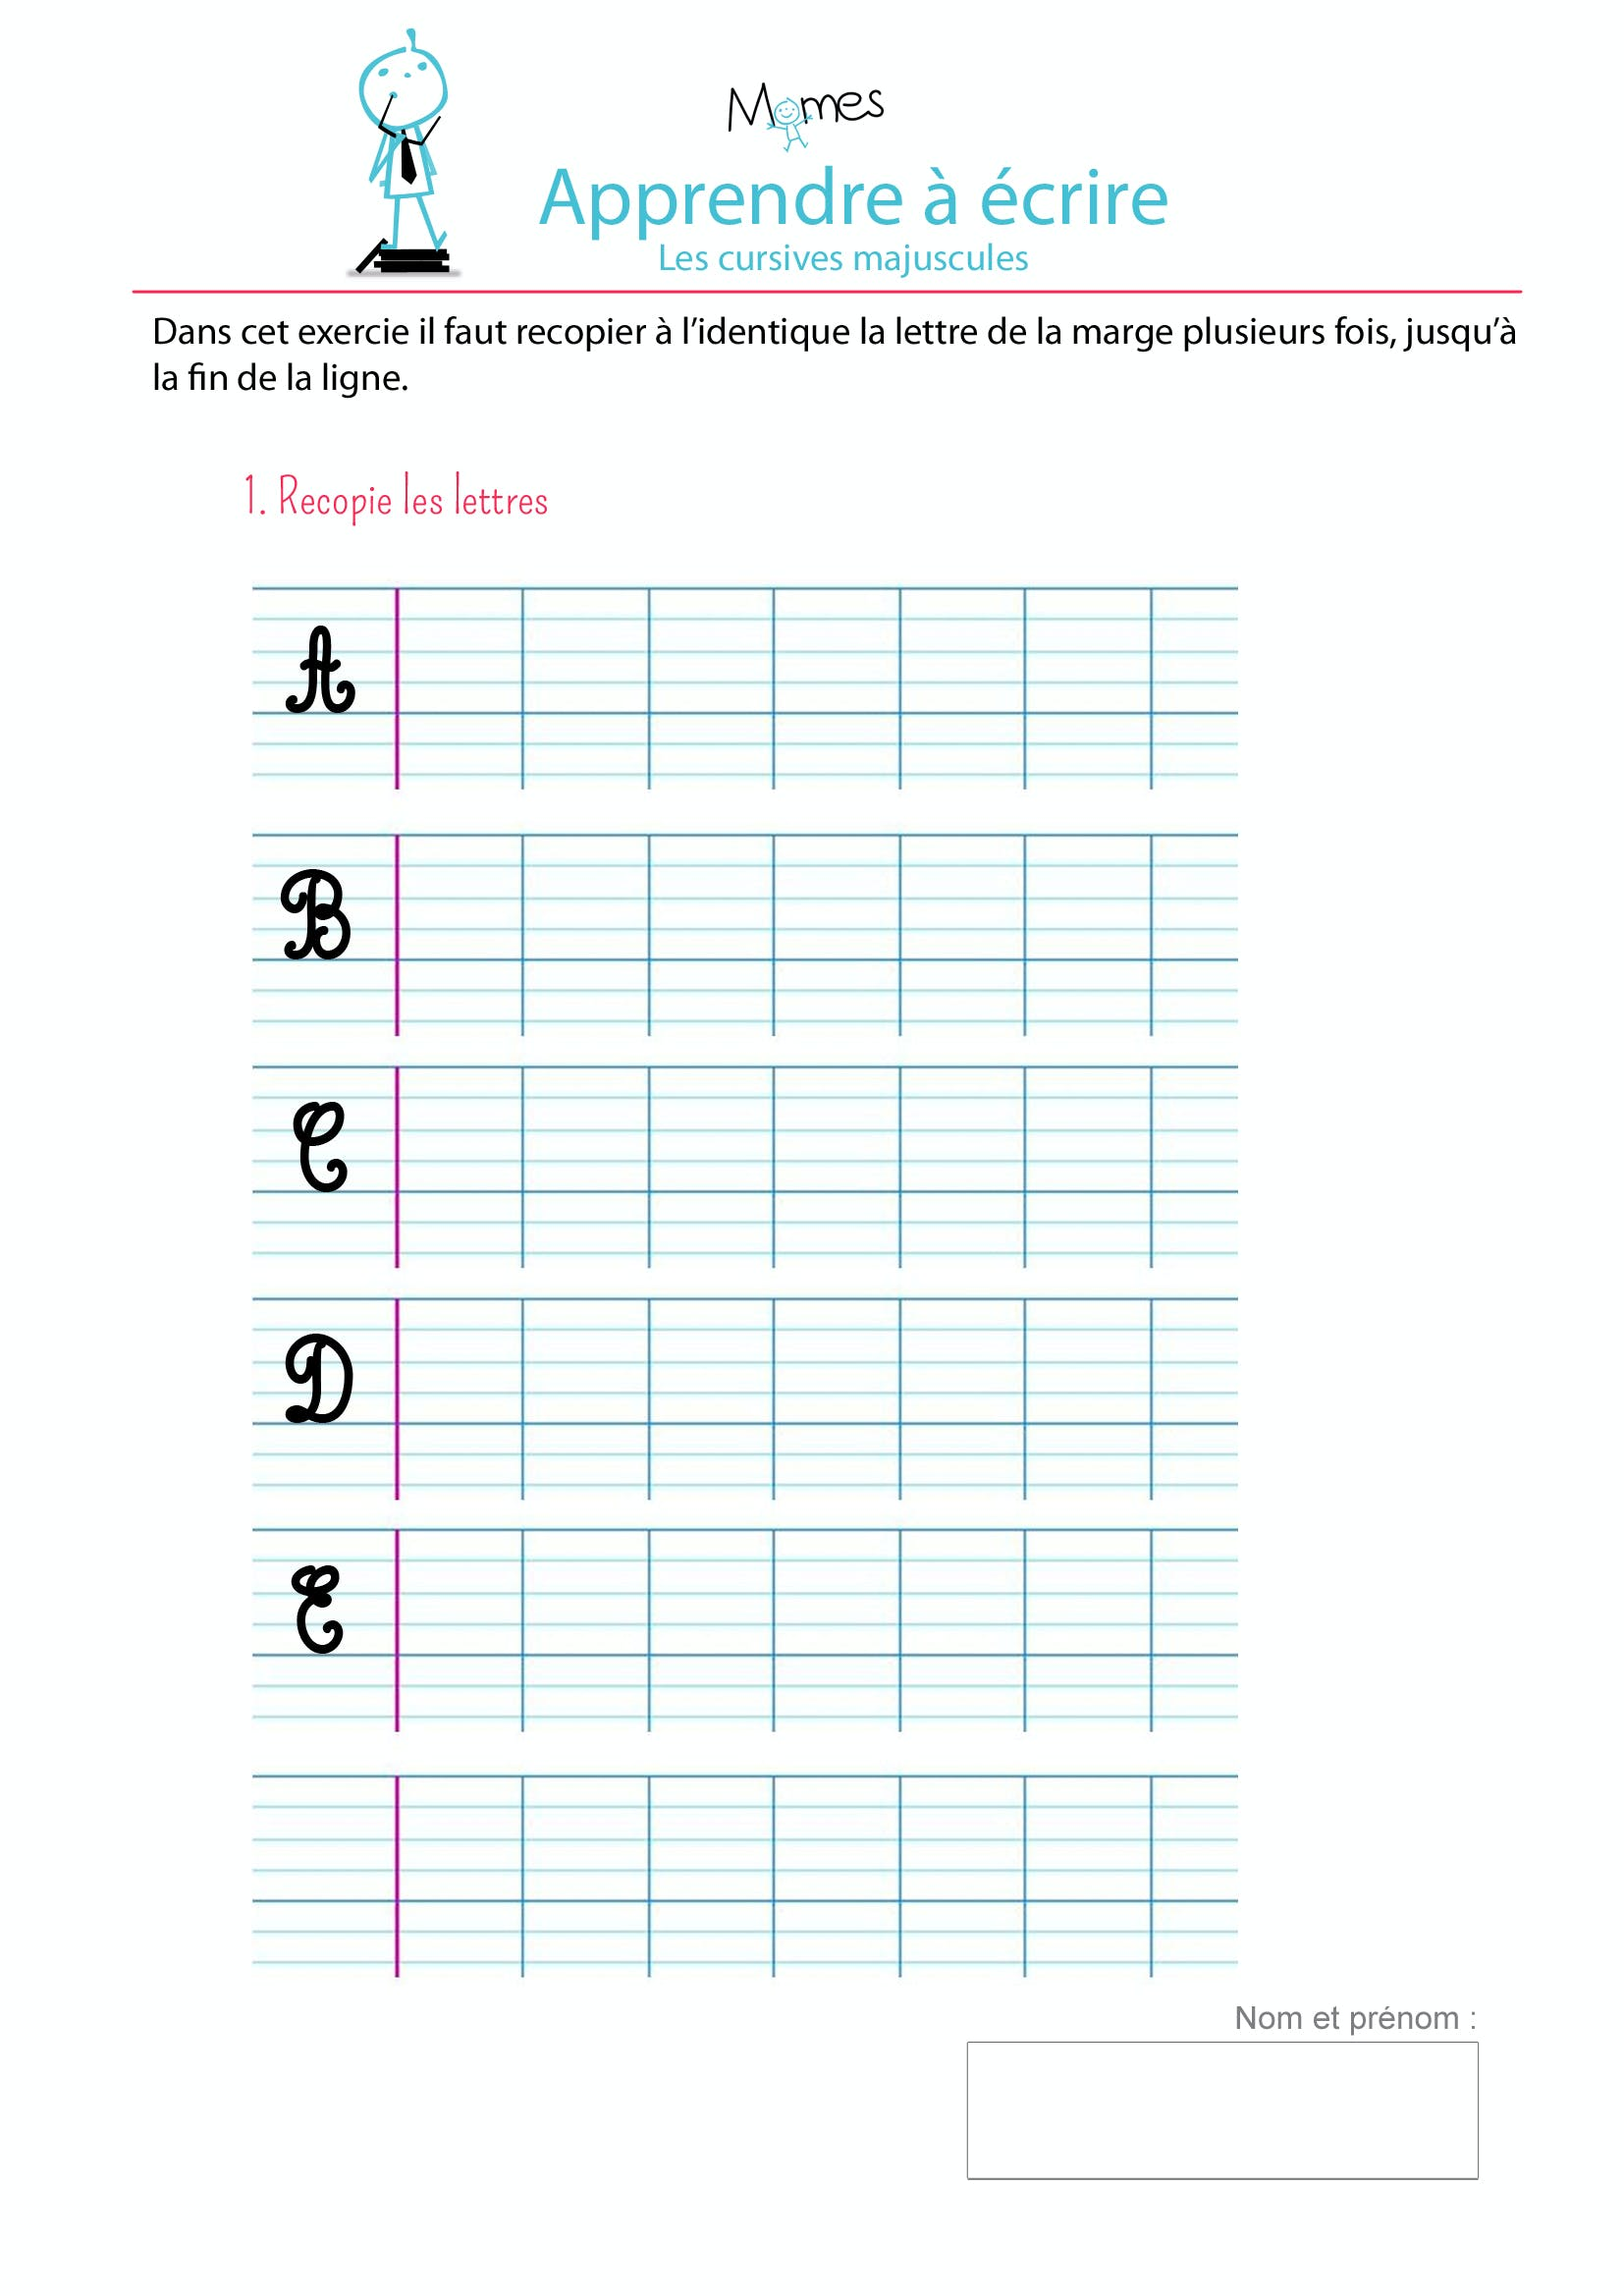 modele cursive majuscule à imprimer